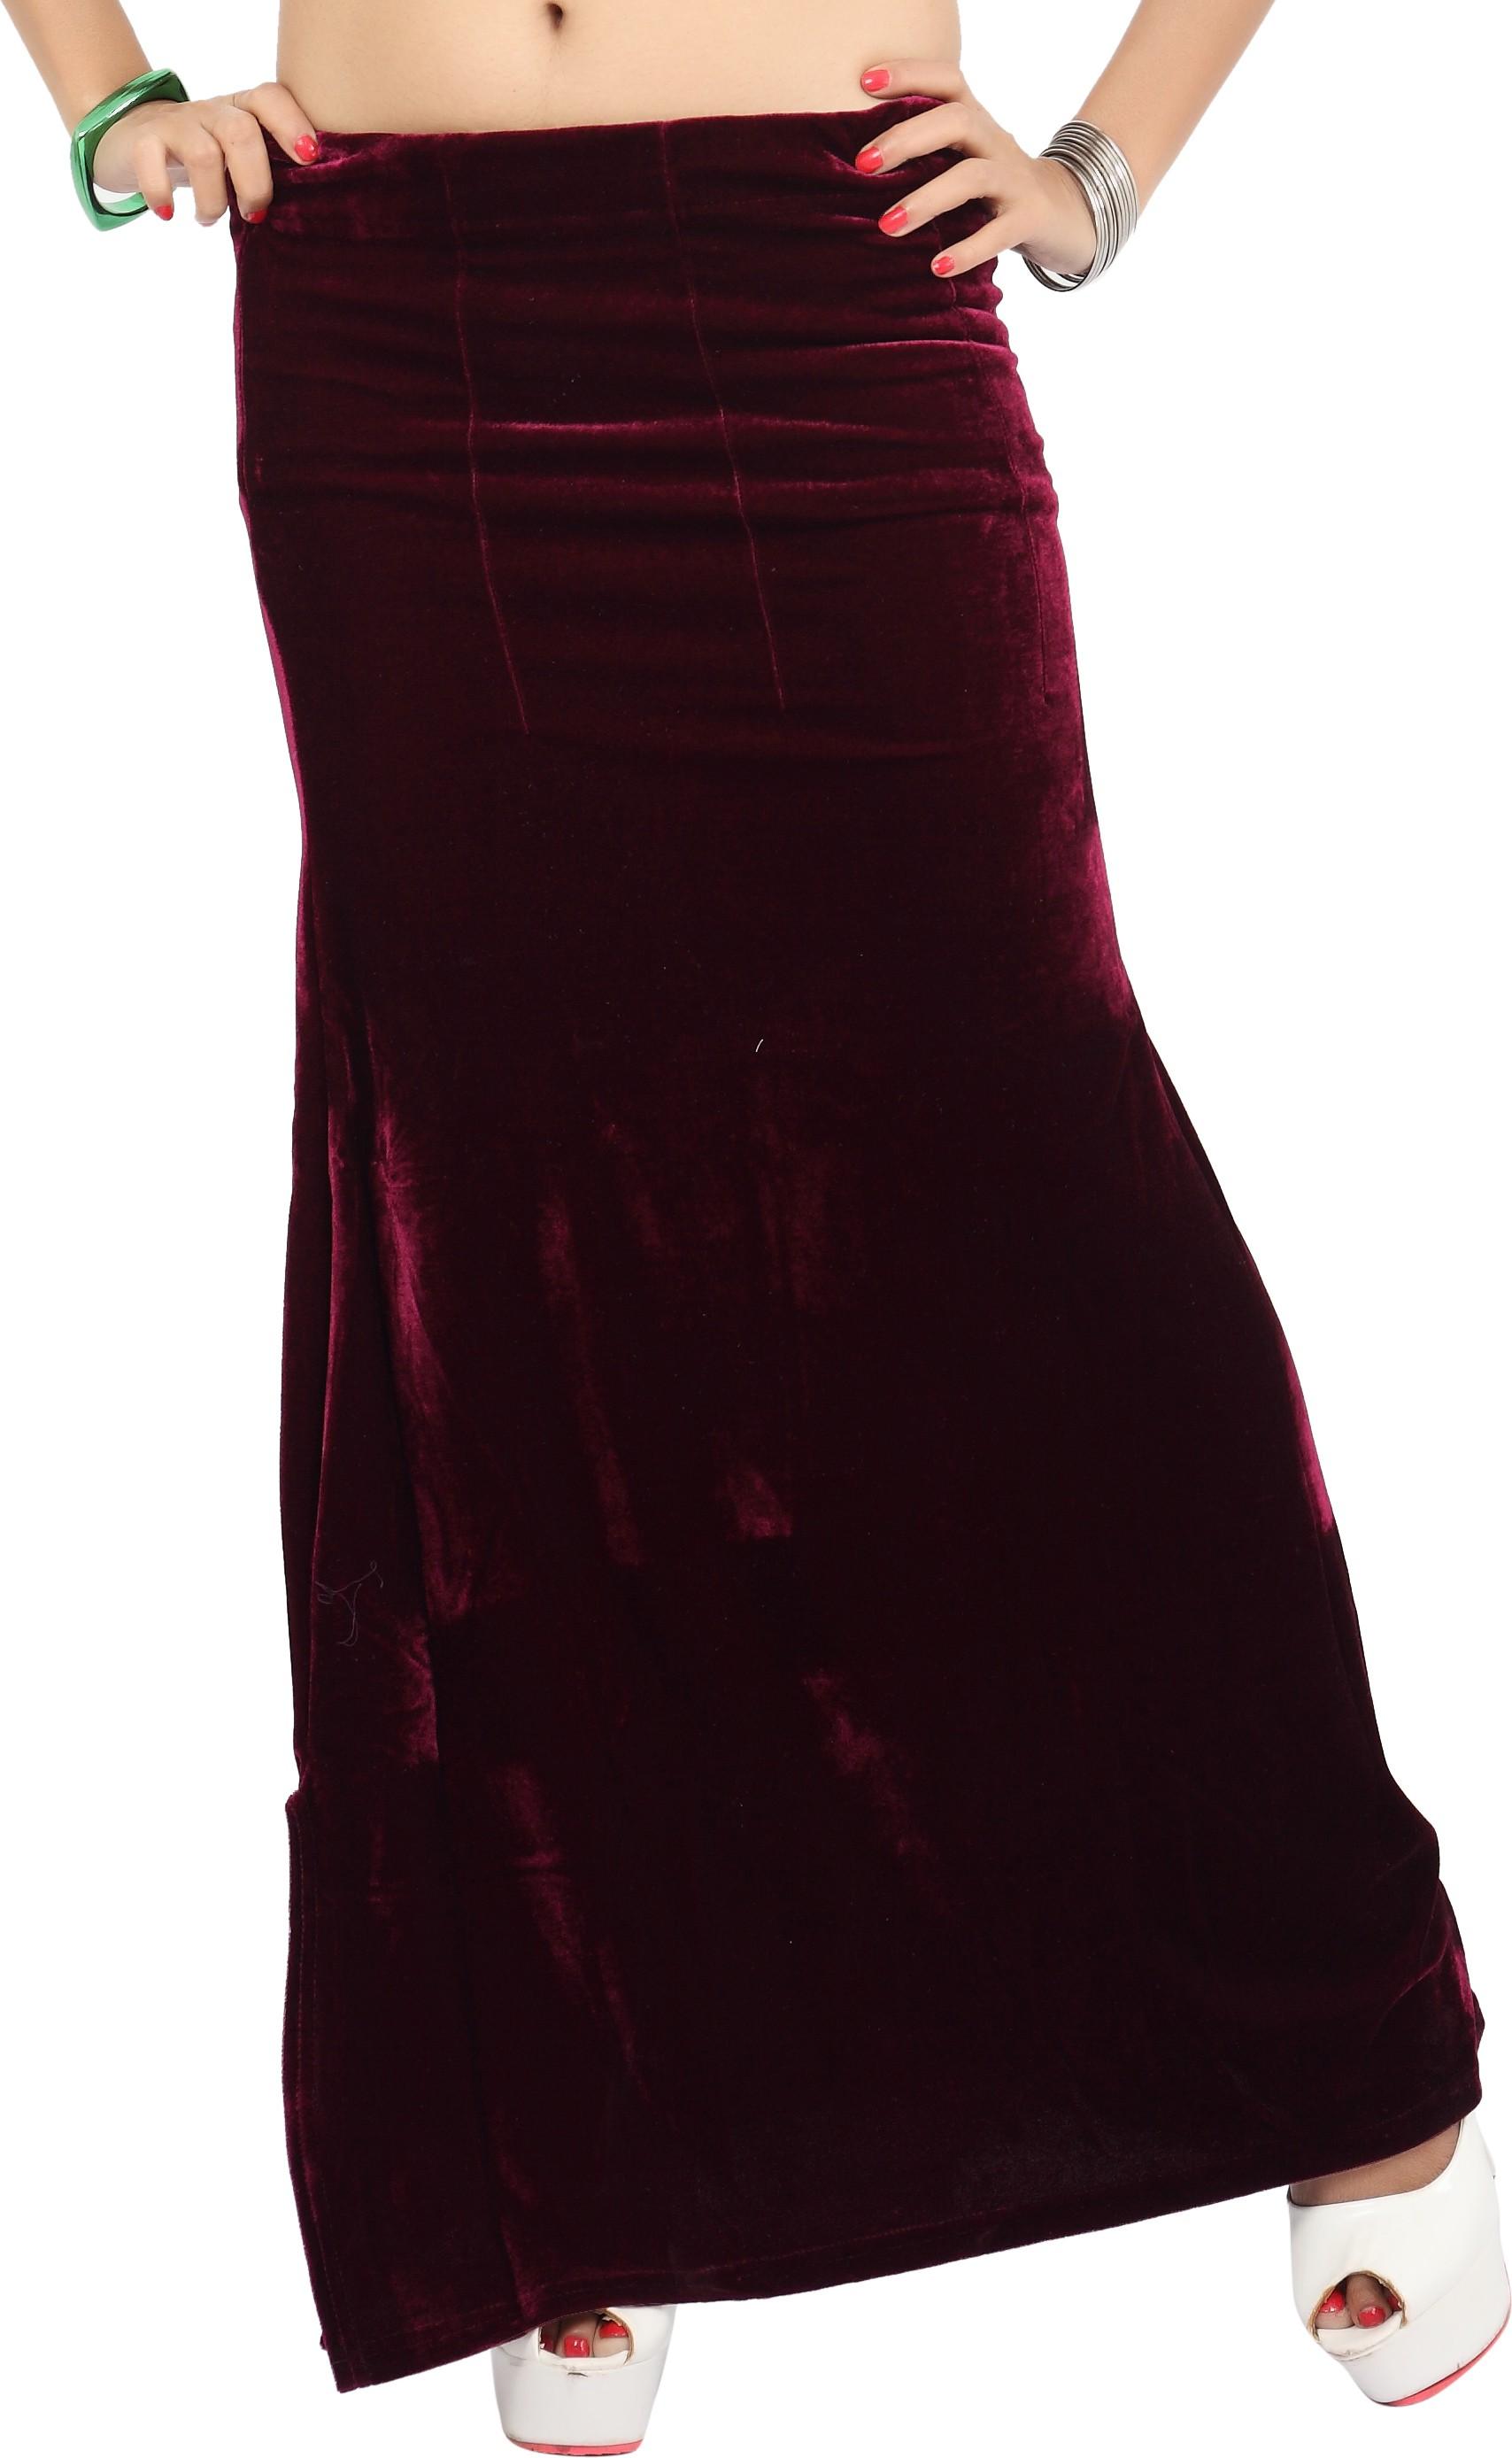 Carrel CARREL-PETTICOAT-105-MAROON Velvet Petticoat(Medium)